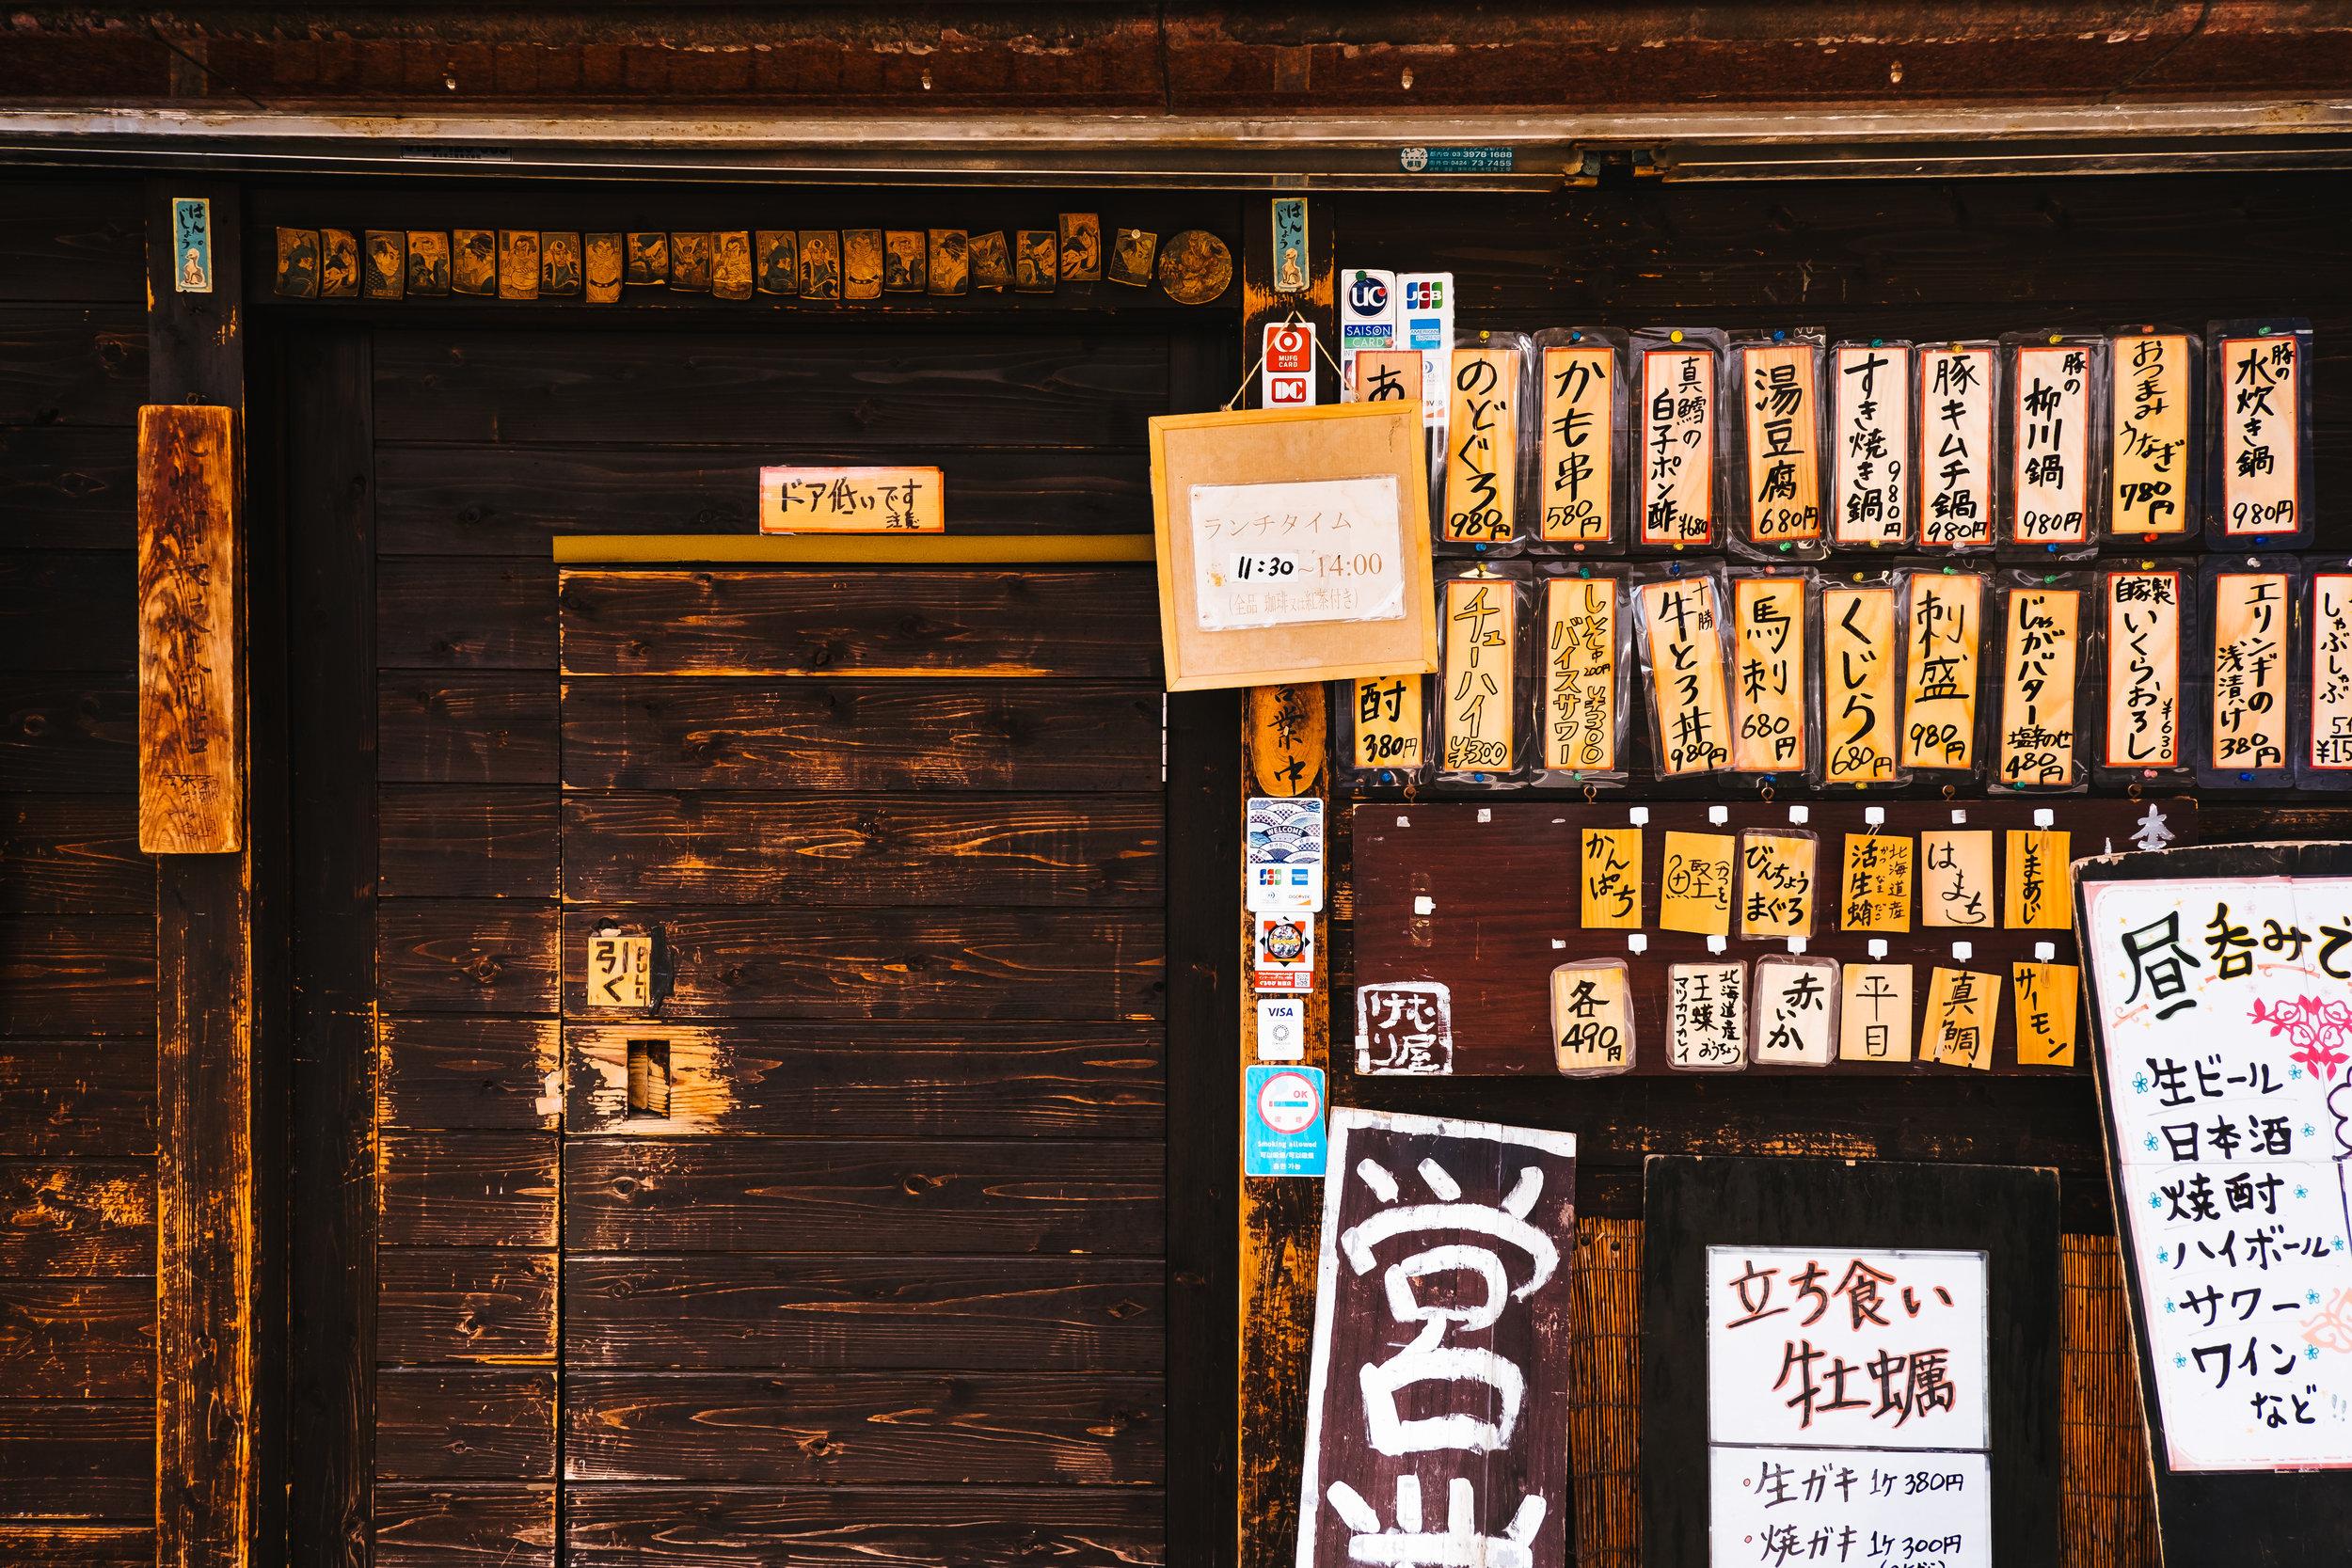 kichijoji-facade-1.jpg